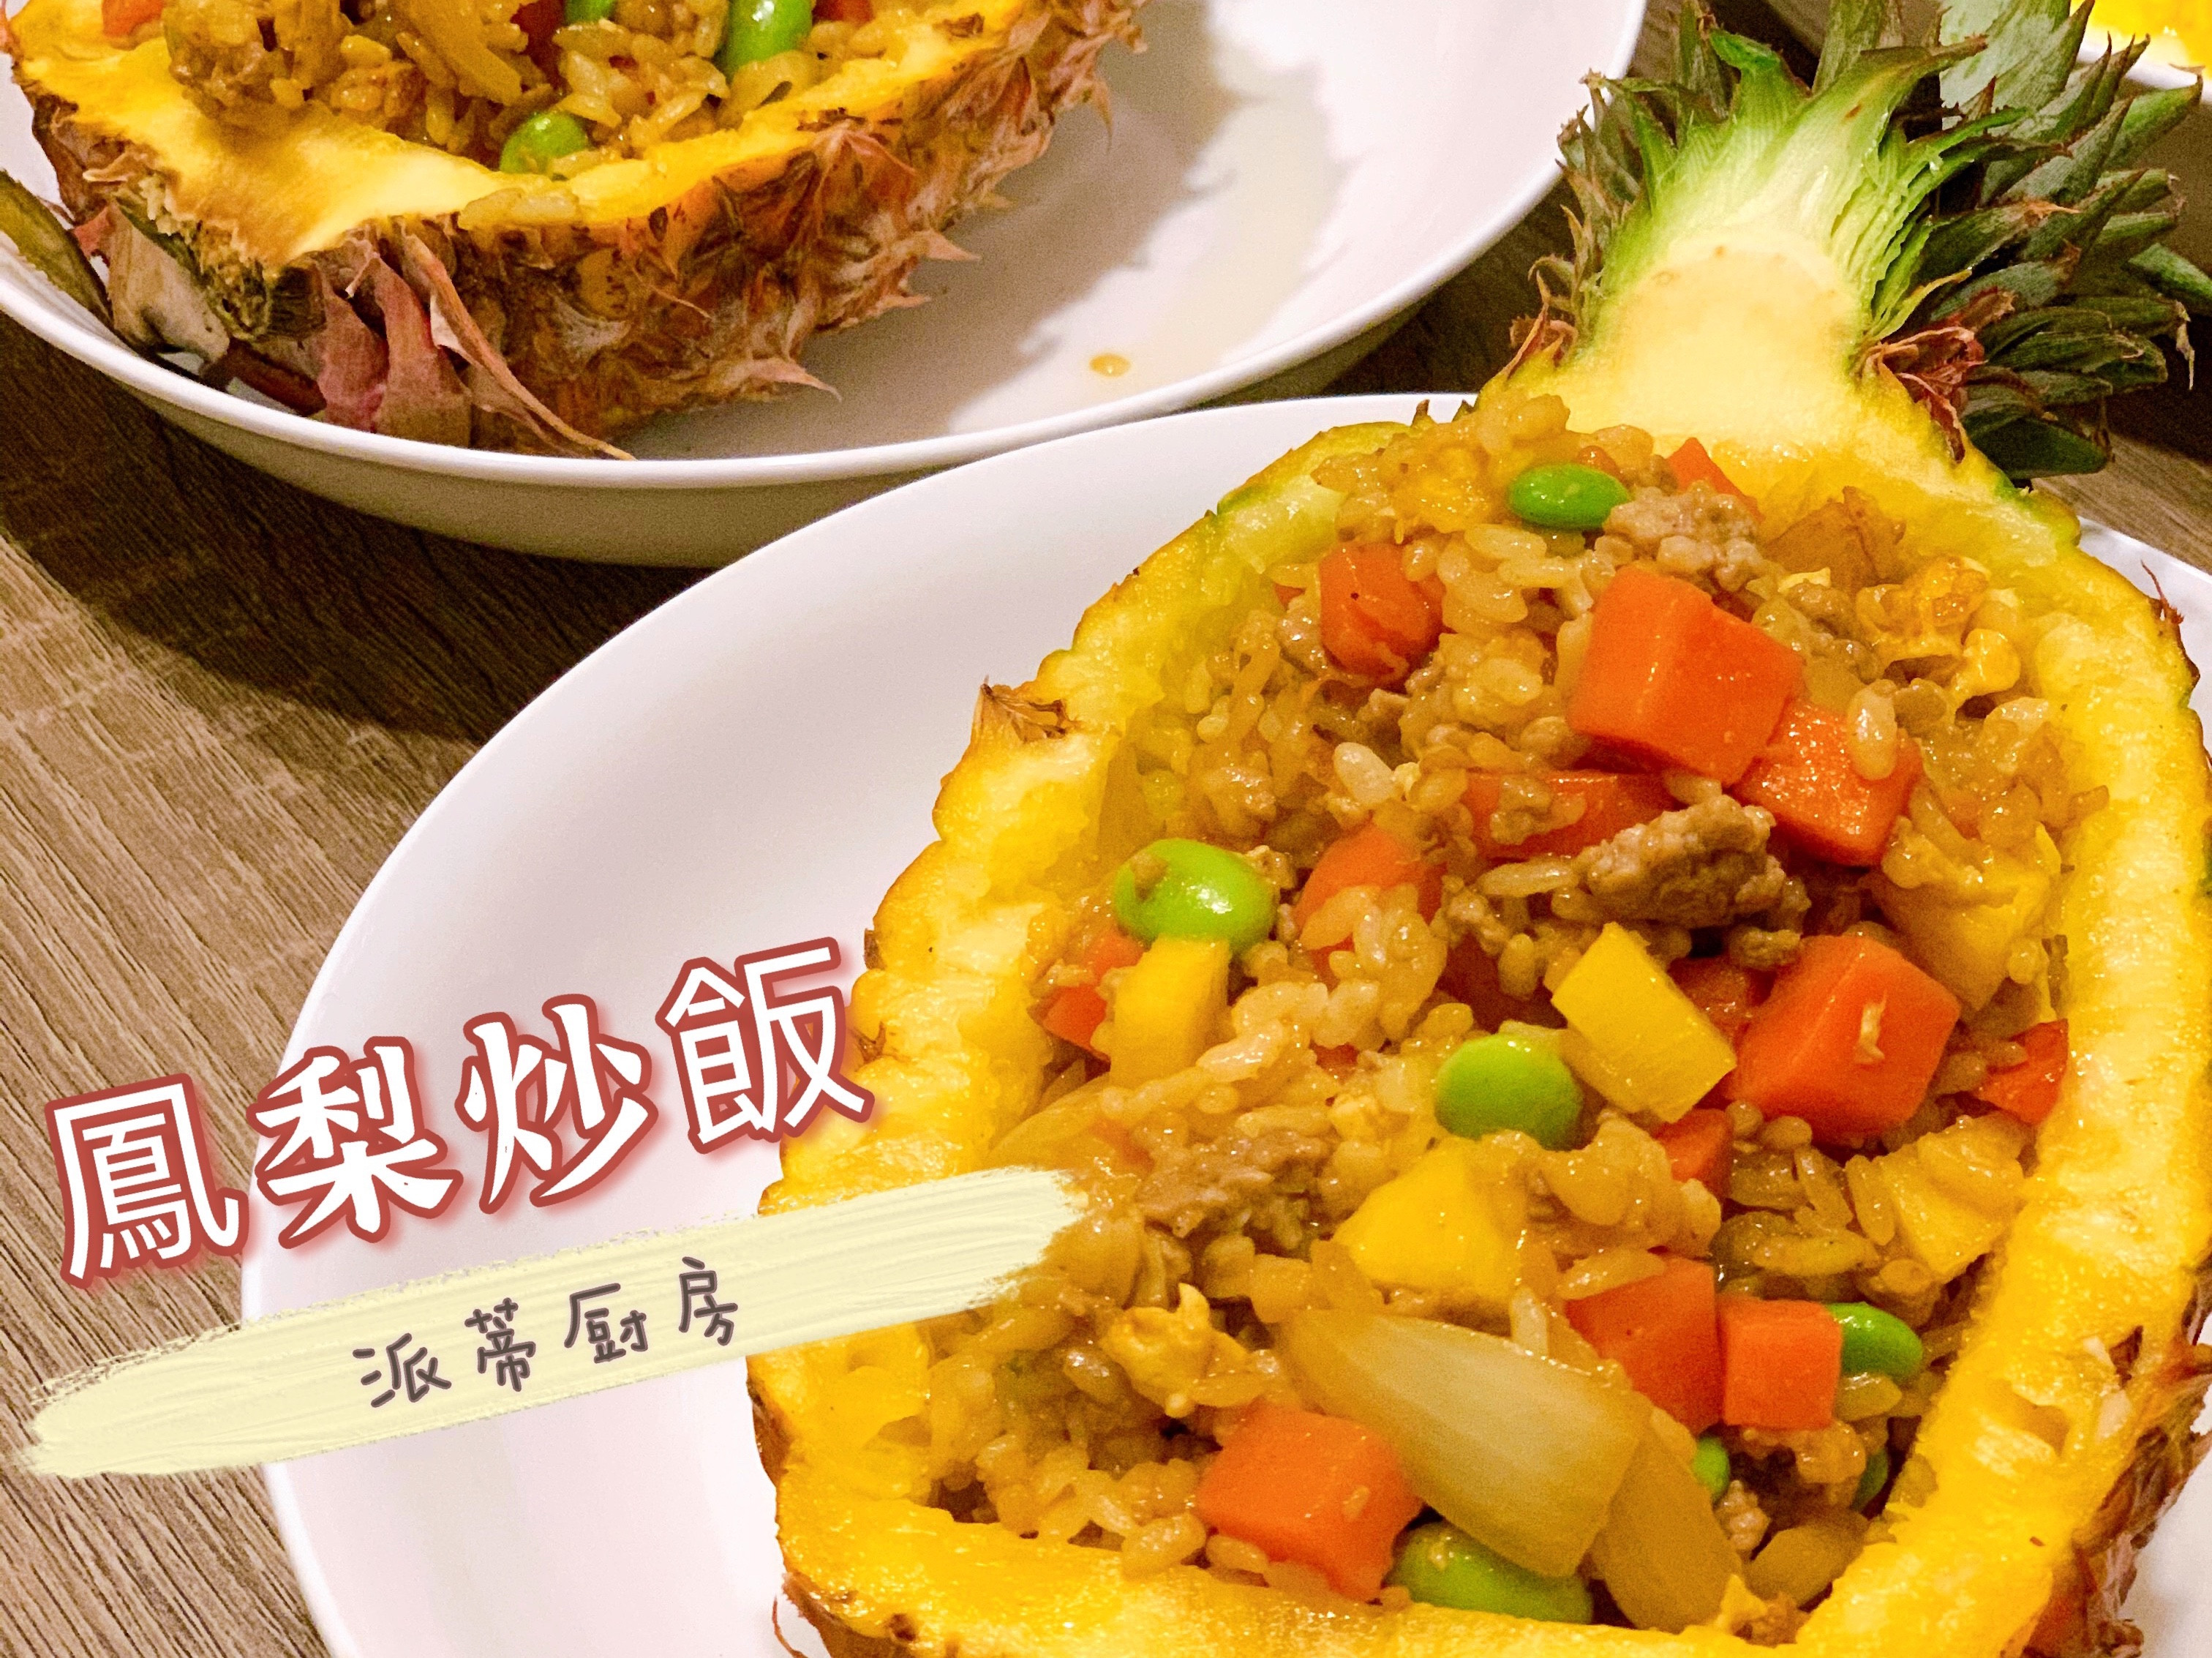 「新手教學」鳳梨咖哩炒飯 酸酸甜甜好開胃